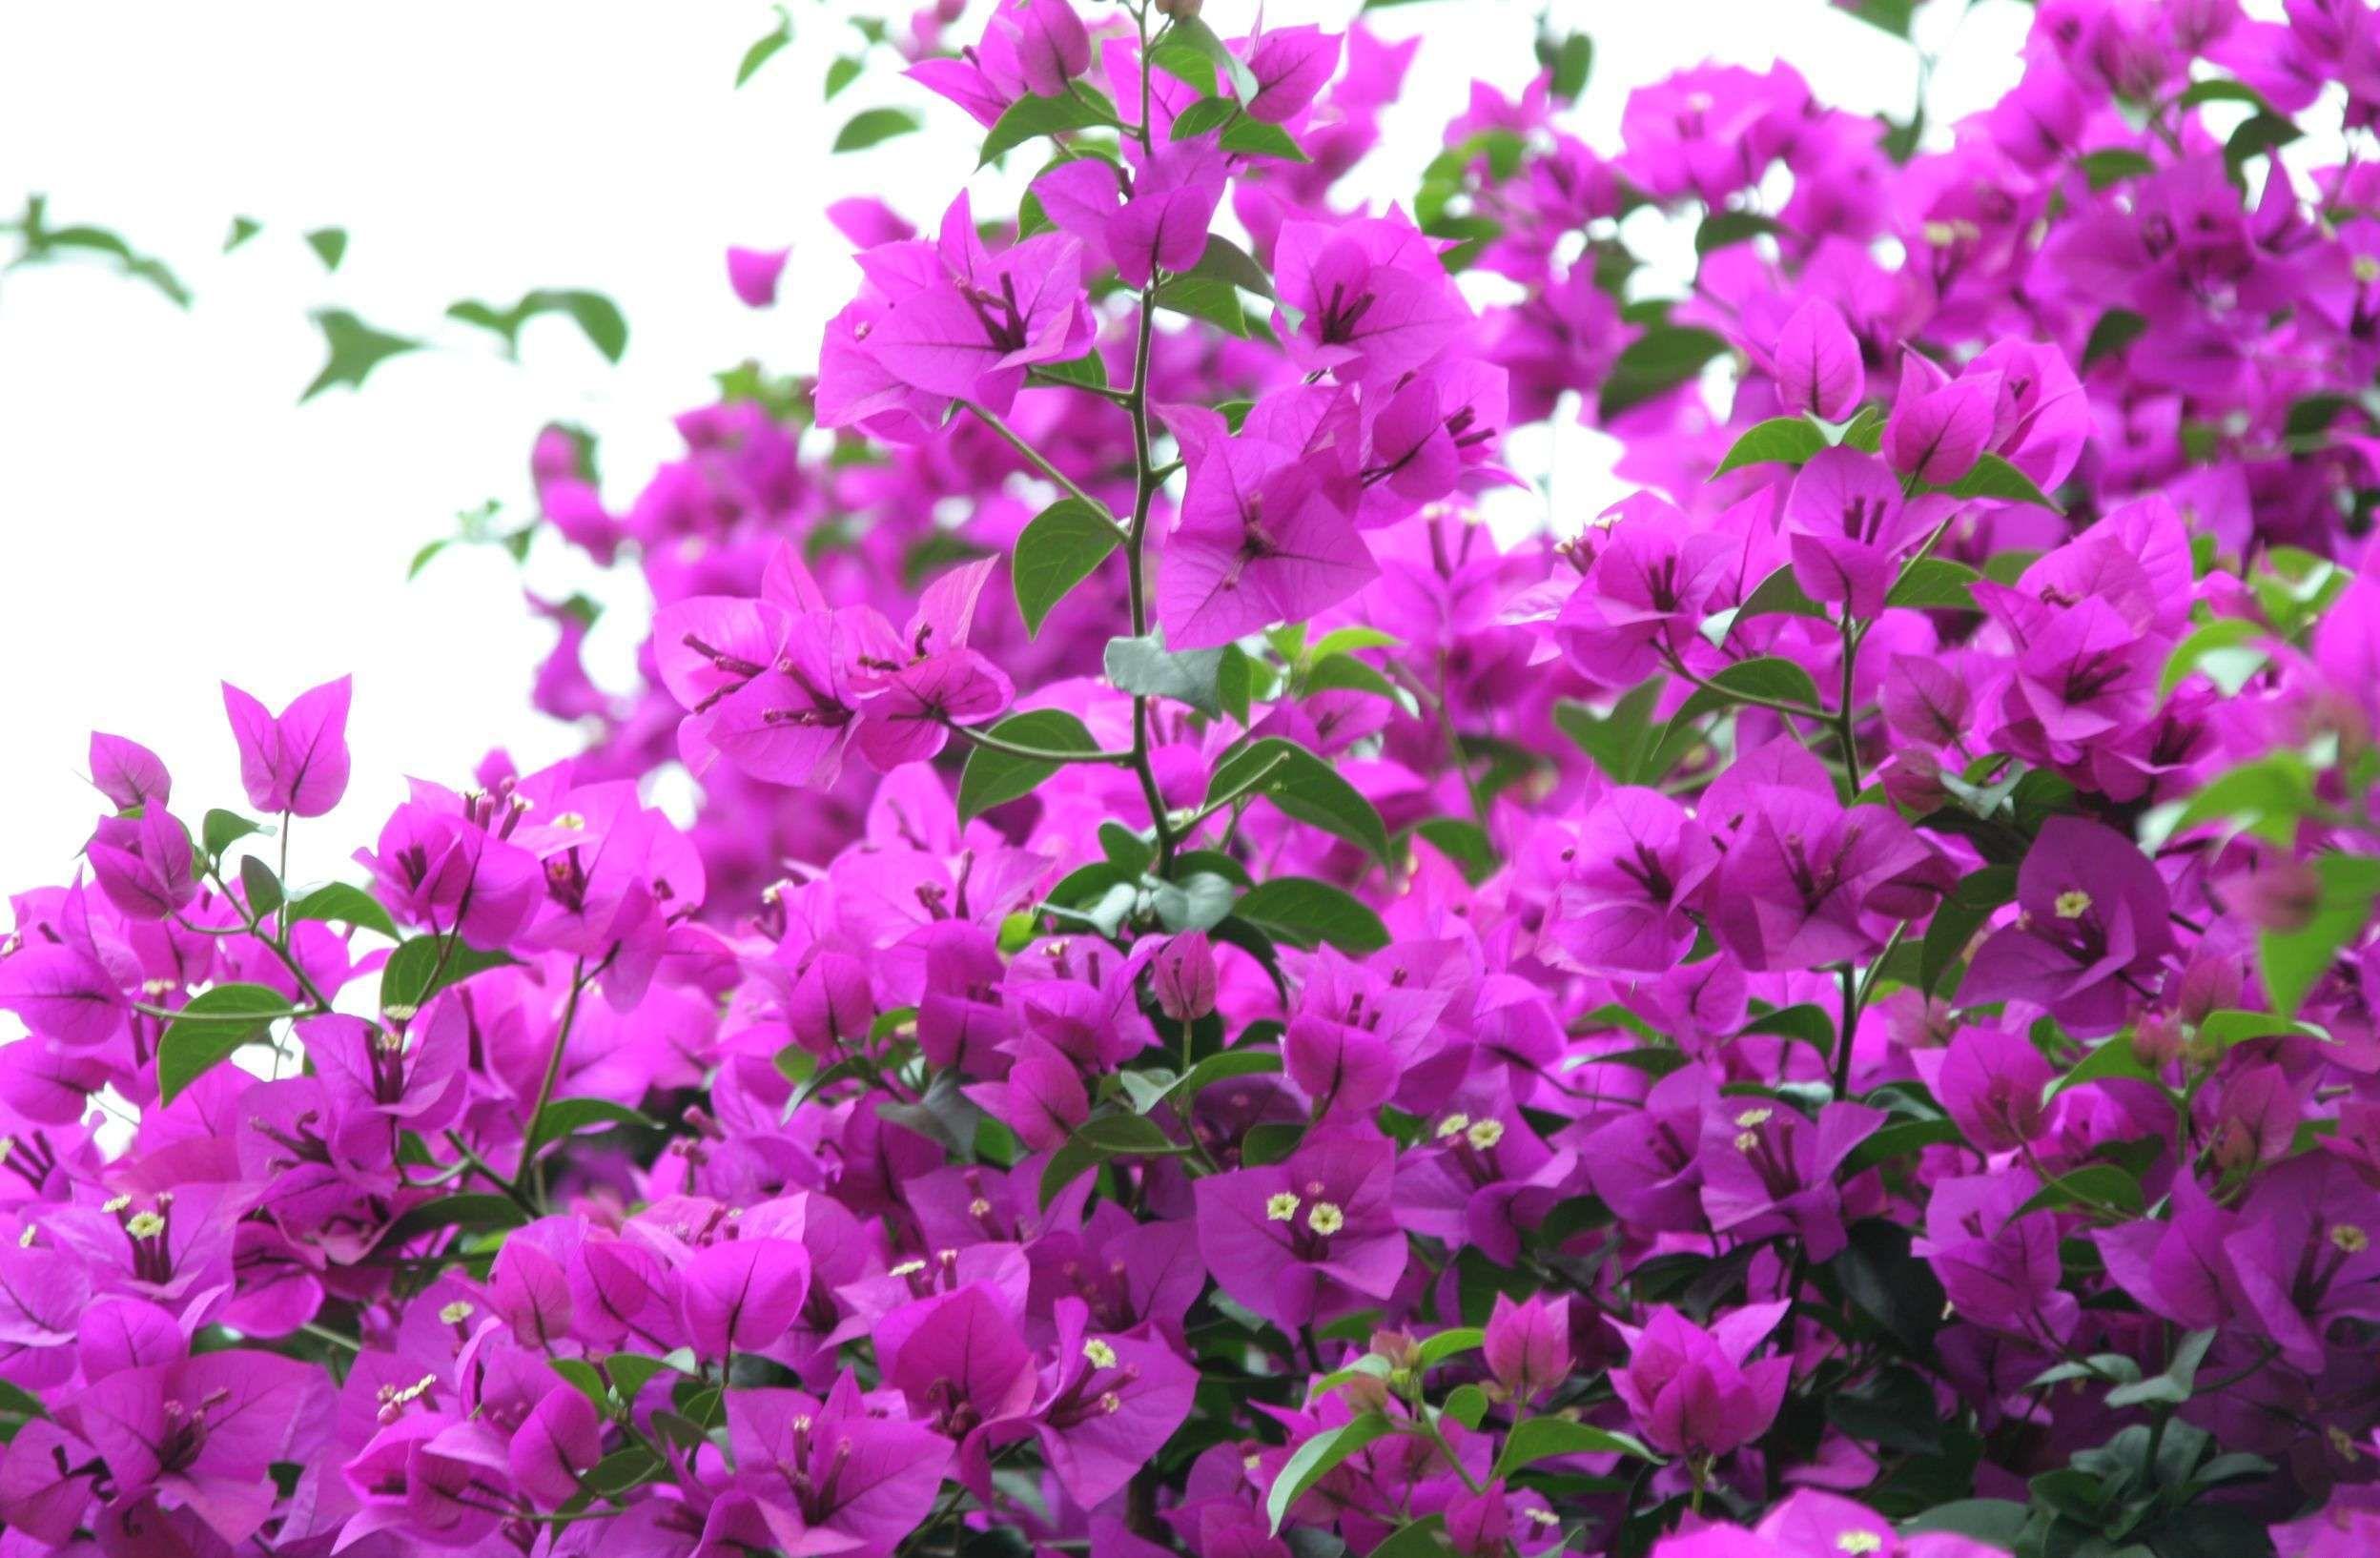 大同正品盆栽三角梅排行,红花三角梅品牌-以客为尊